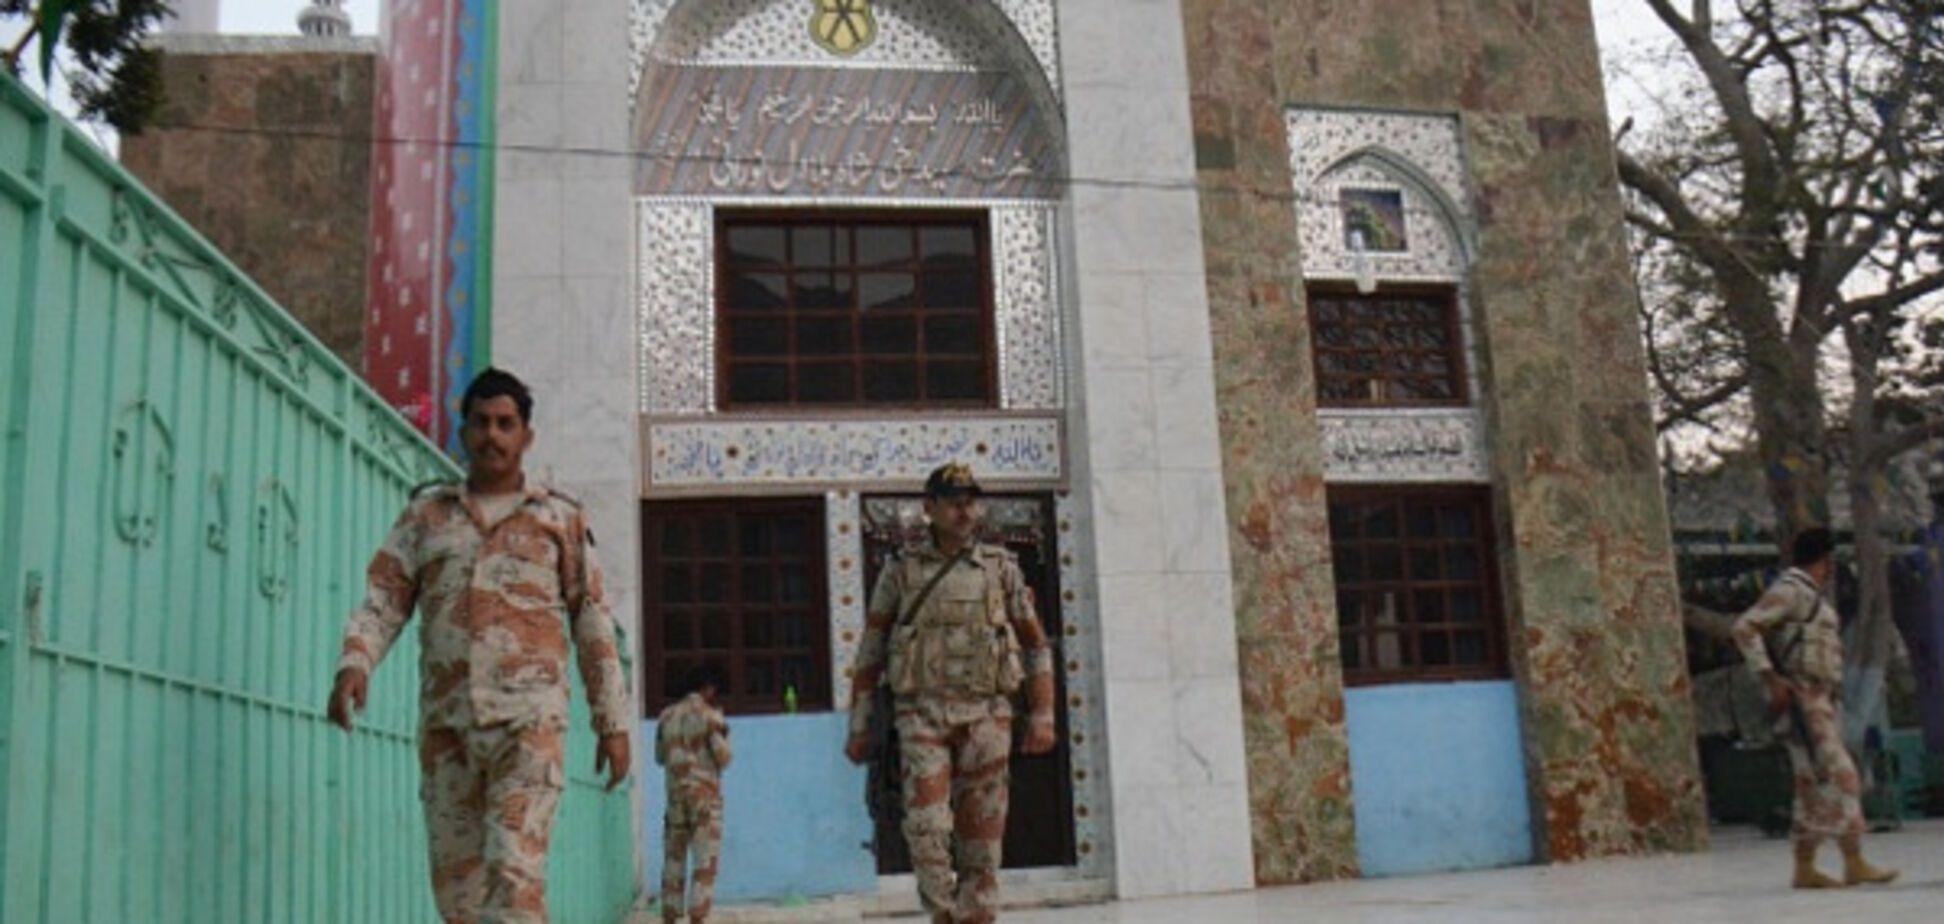 Мощный взрыв в Пакистане: 6 военных получили ранения